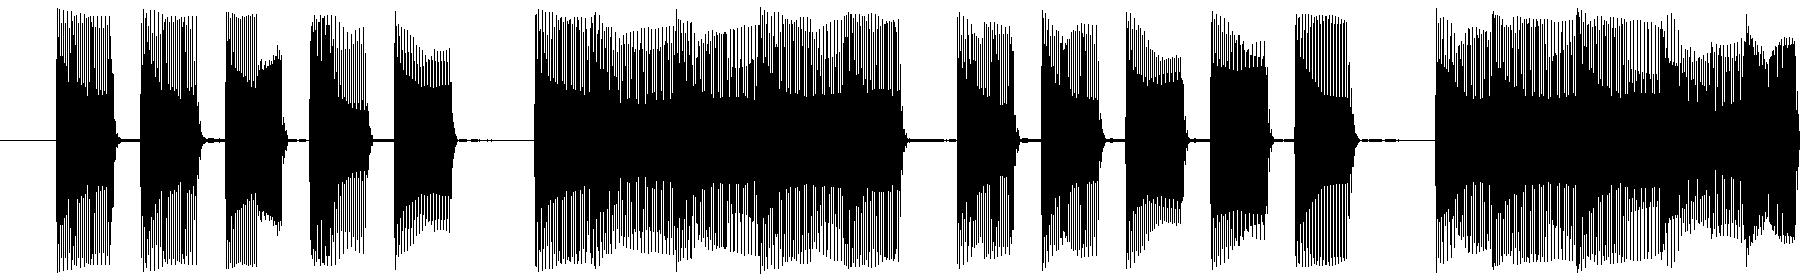 ehu basslp 125 002 c